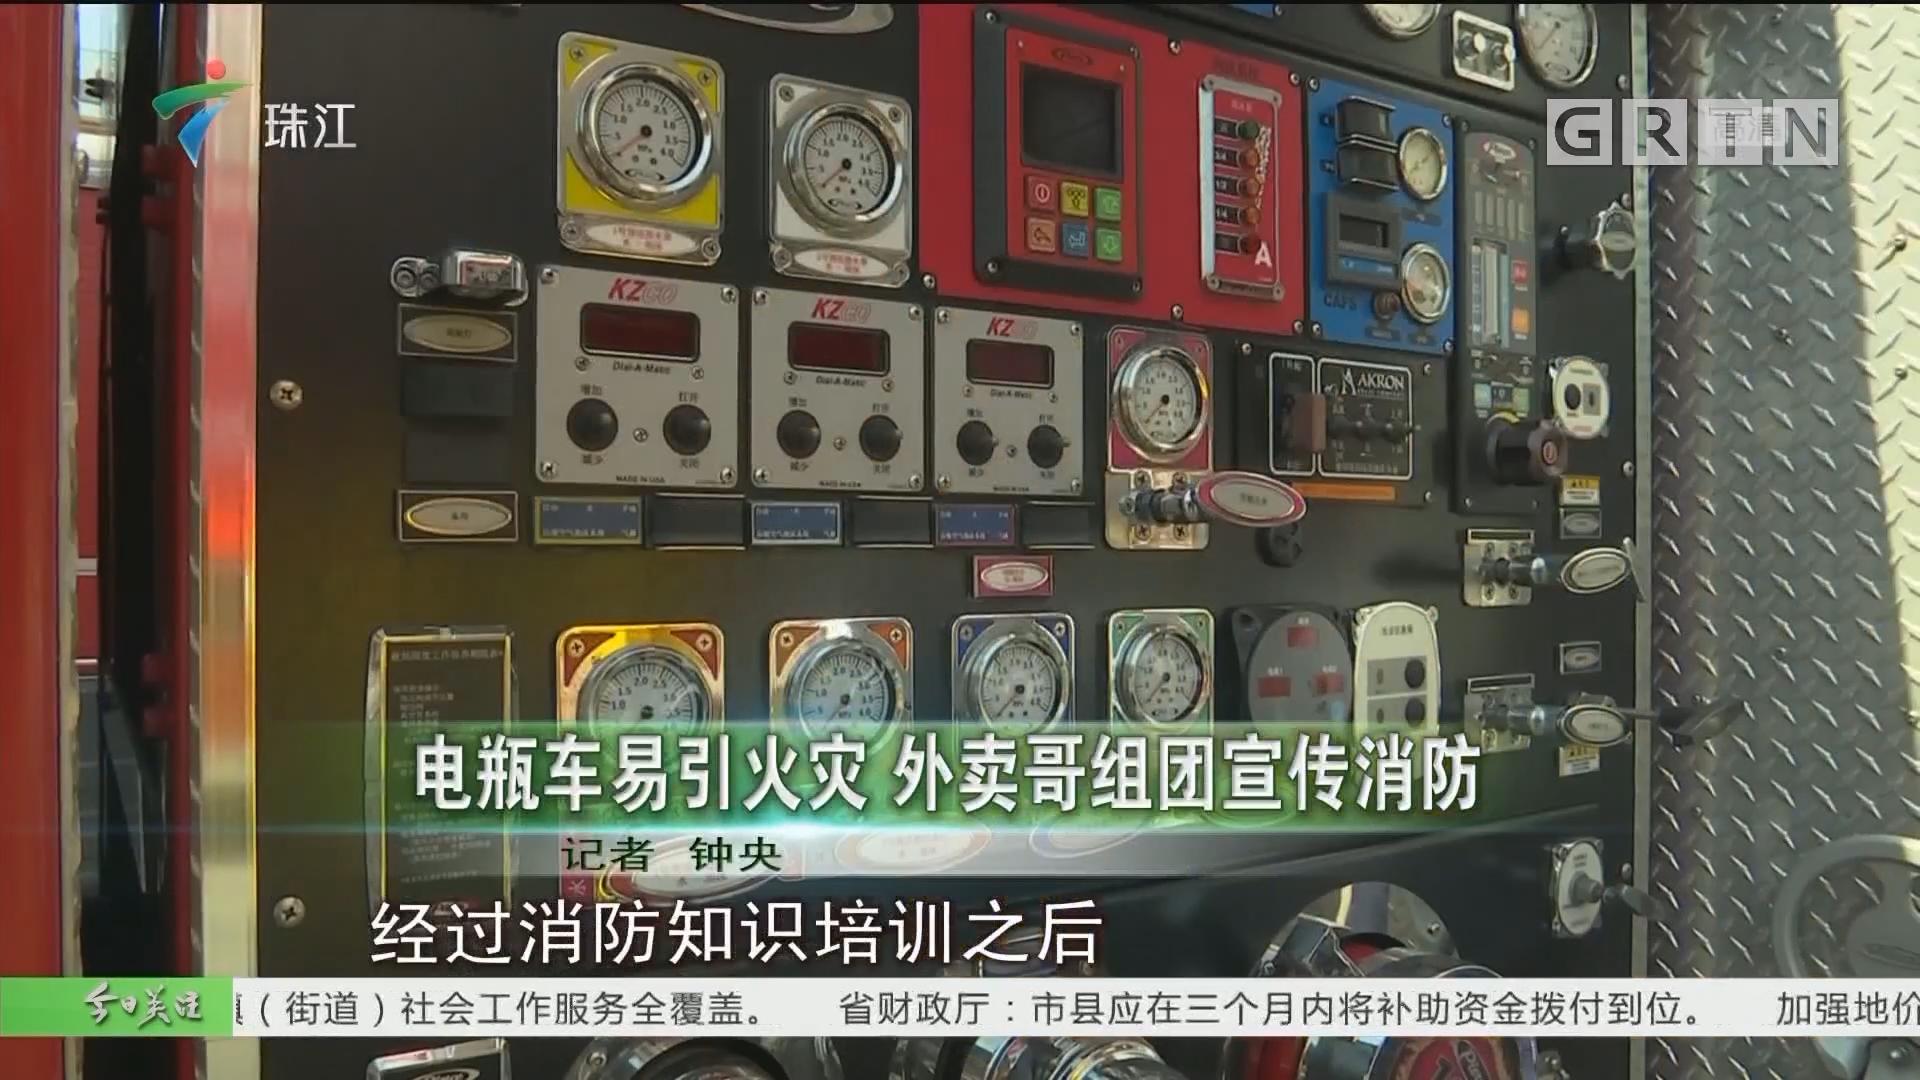 电瓶车易引火灾 外卖哥组团宣传消防